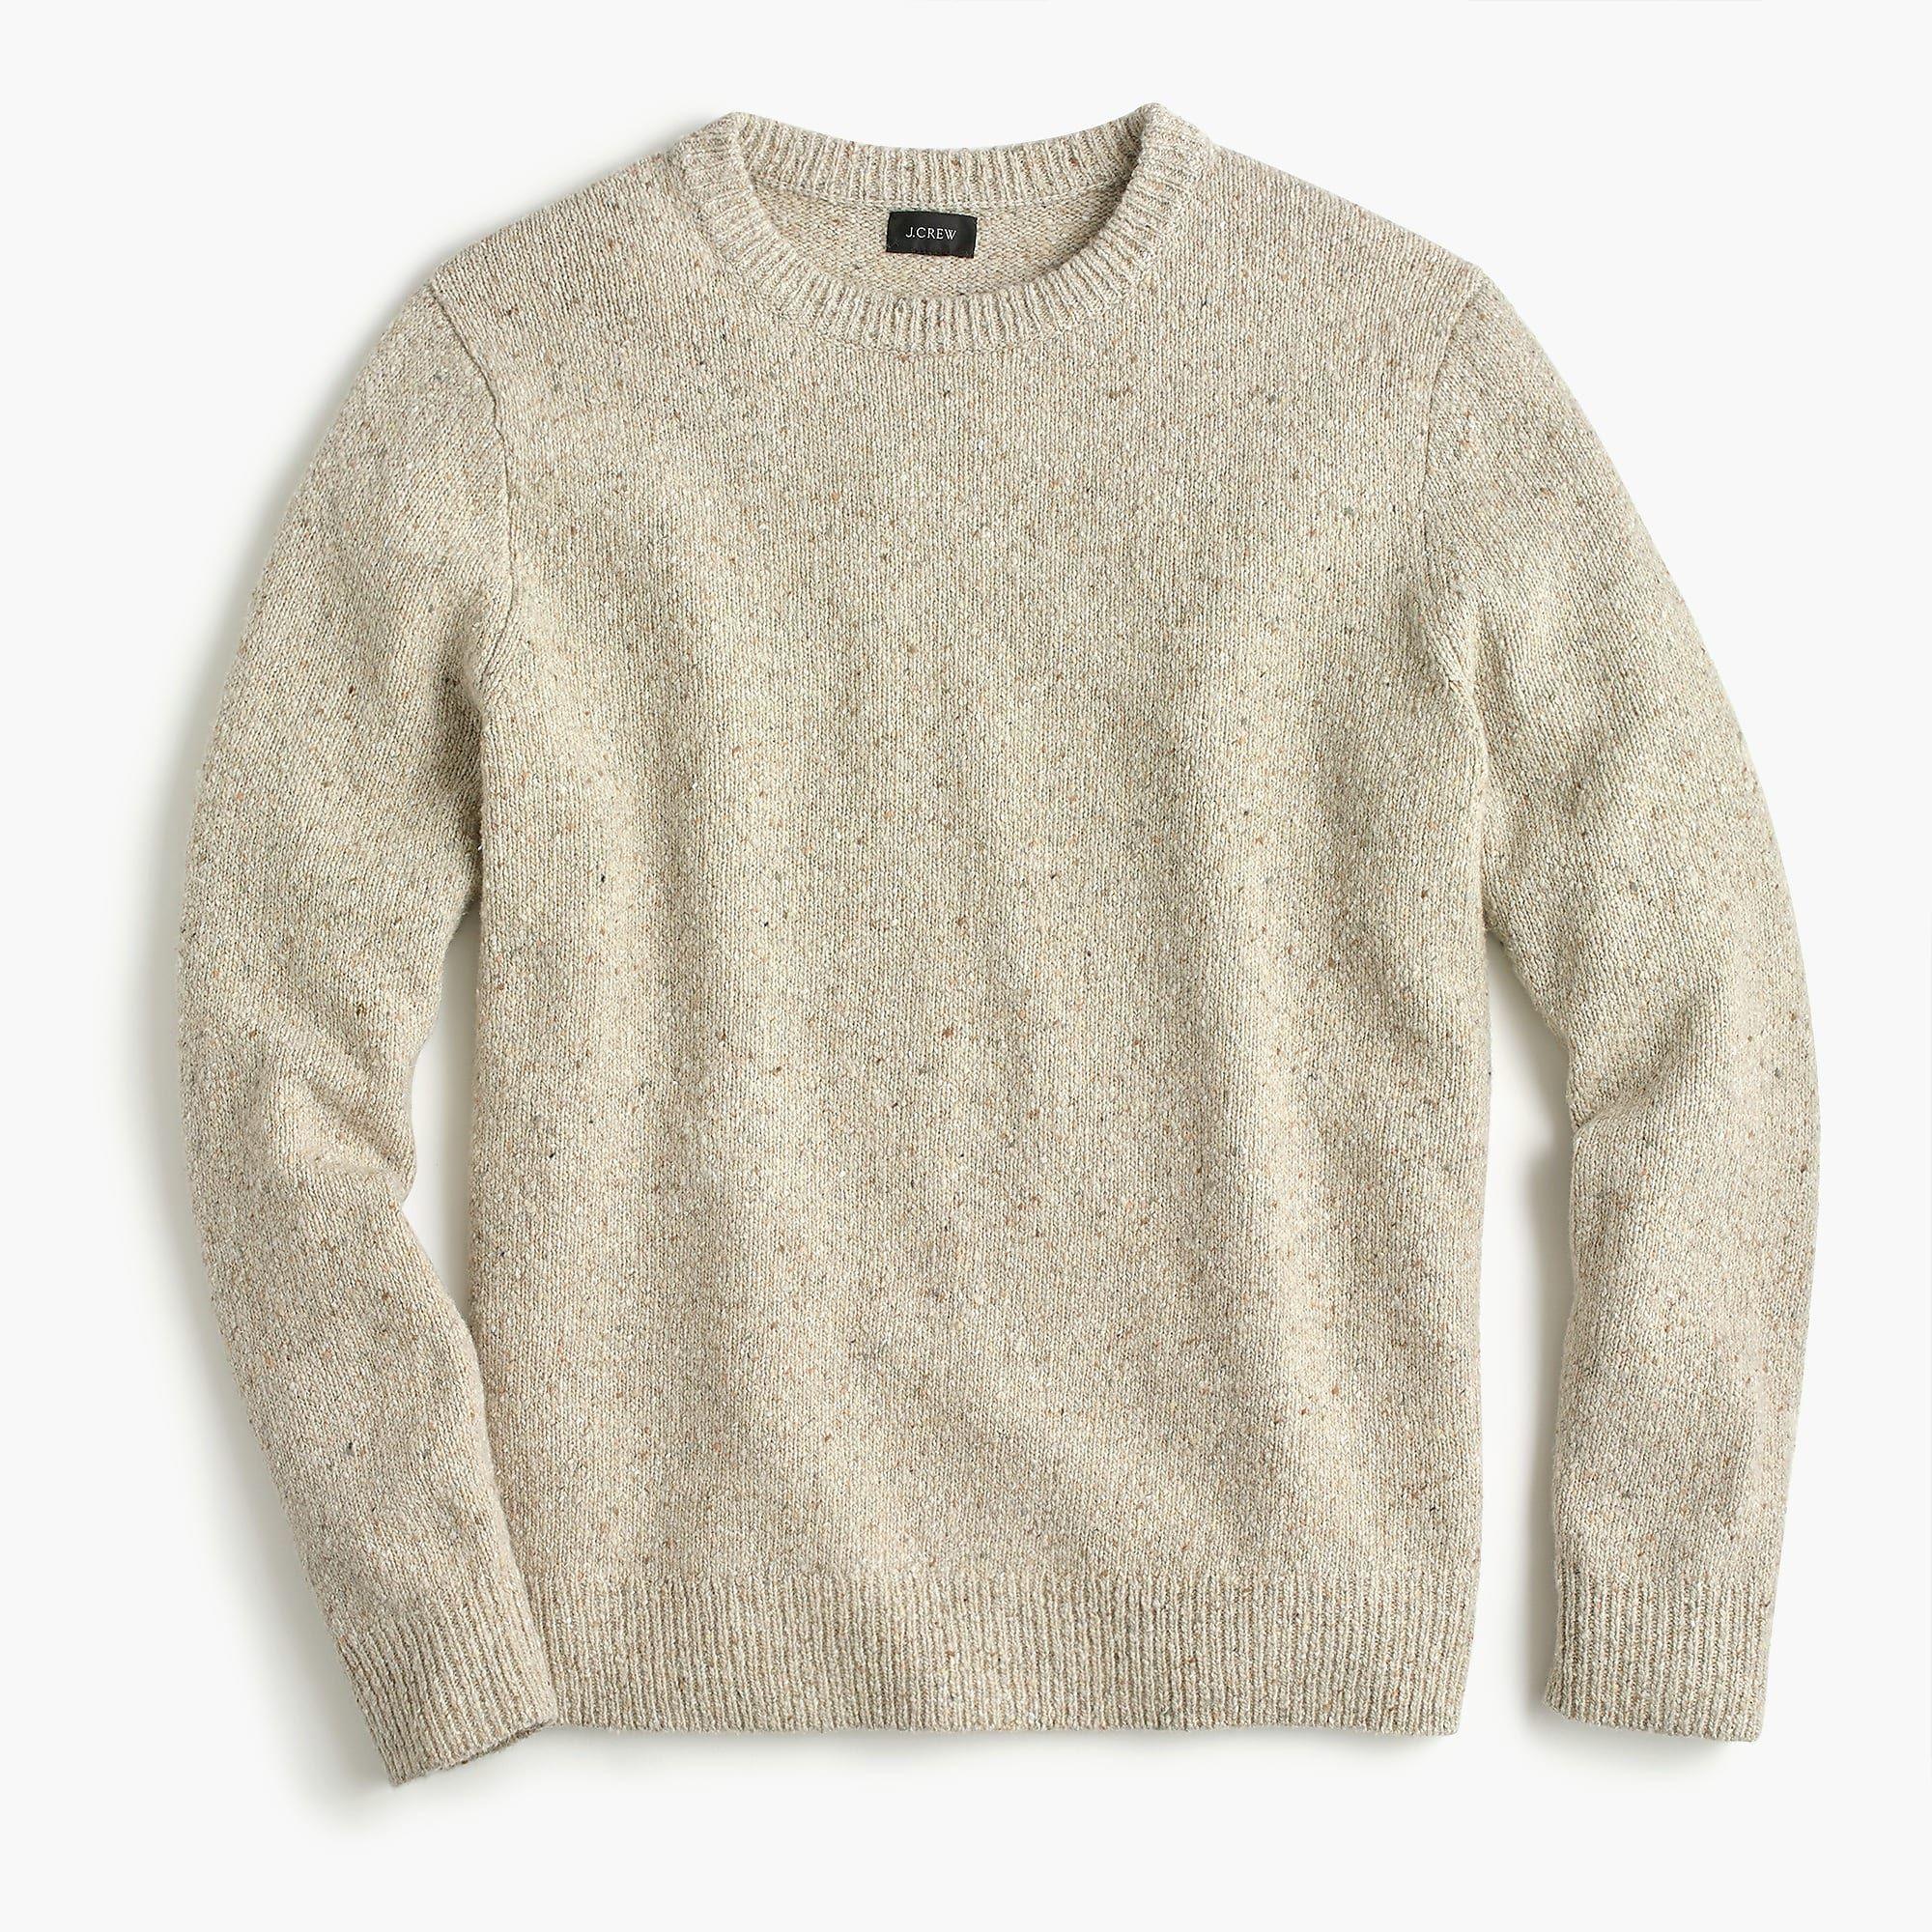 9b0a7b906b5b Italian Donegal wool crewneck